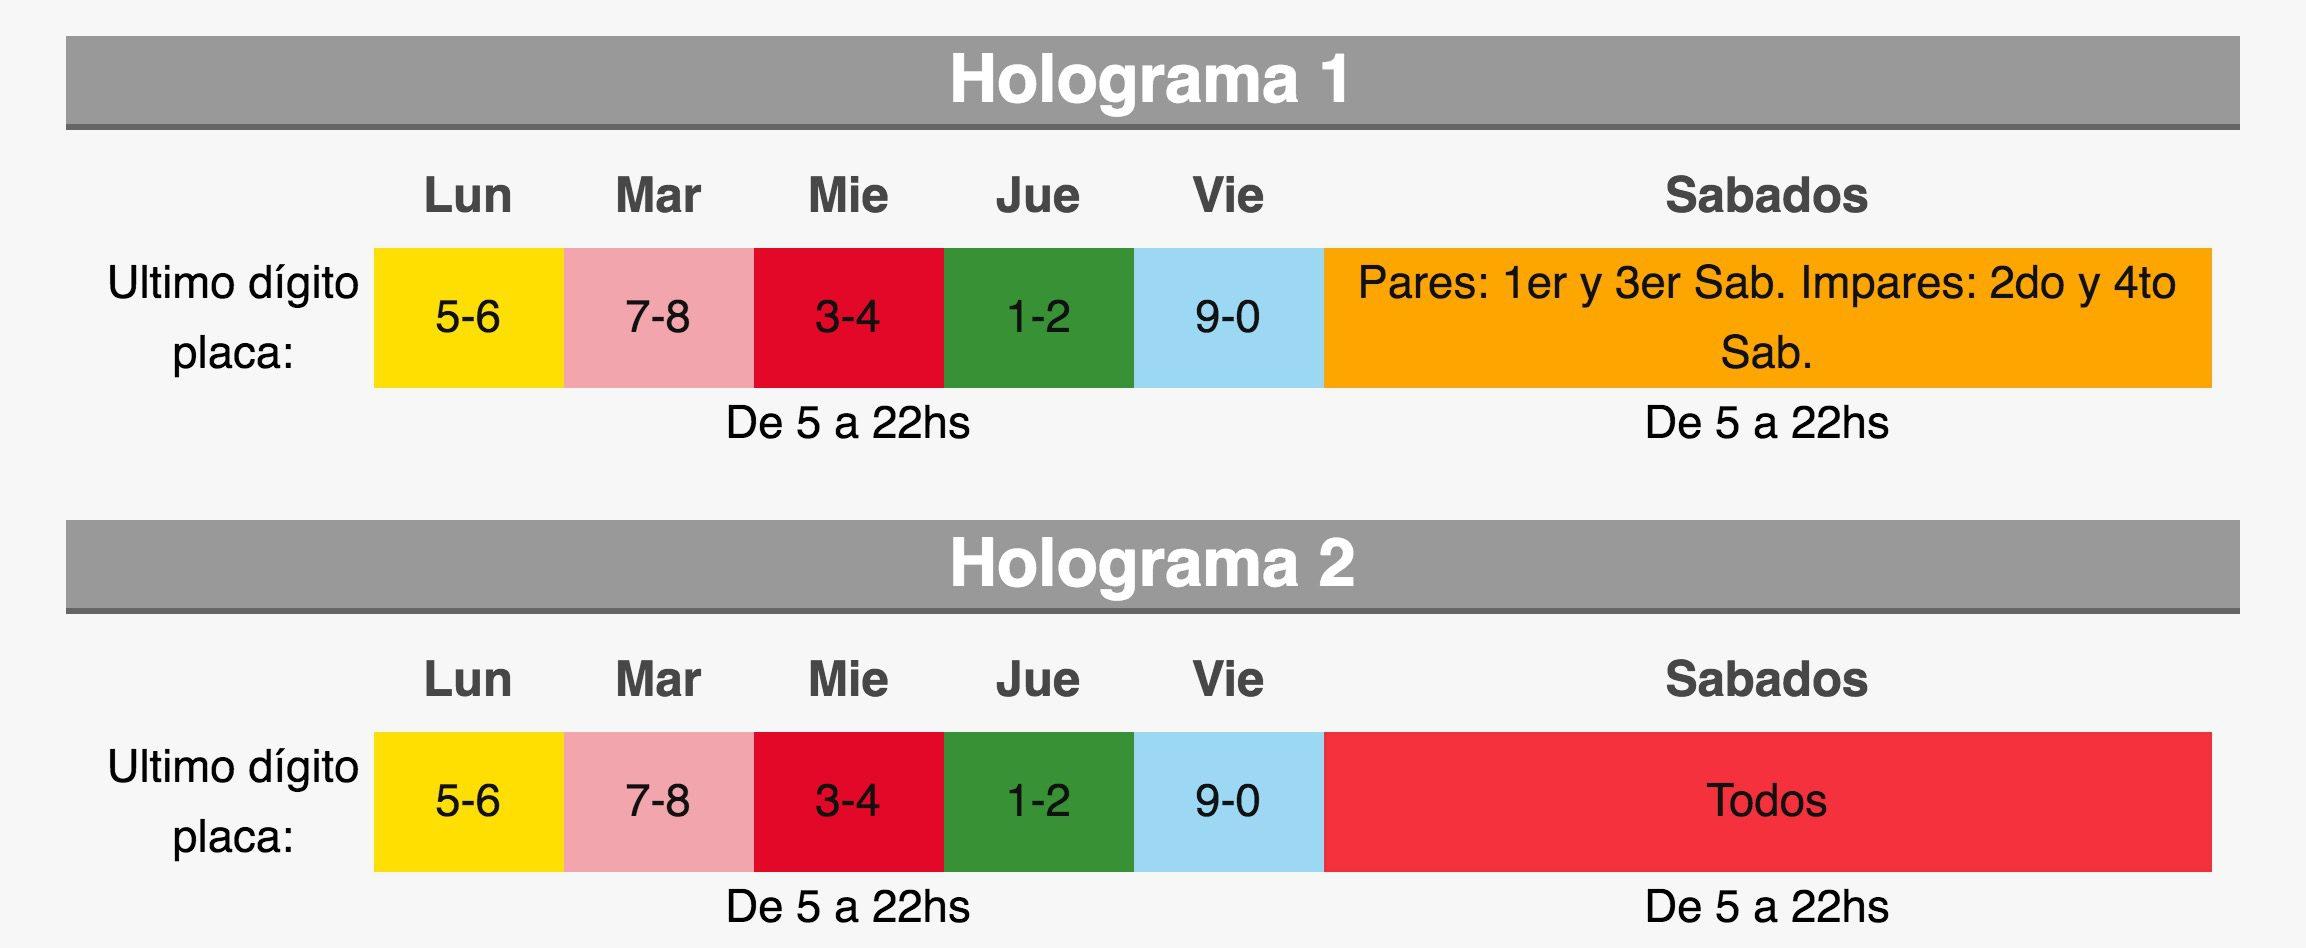 Hoy-No-Circula-Holograma1-Holograma2-1